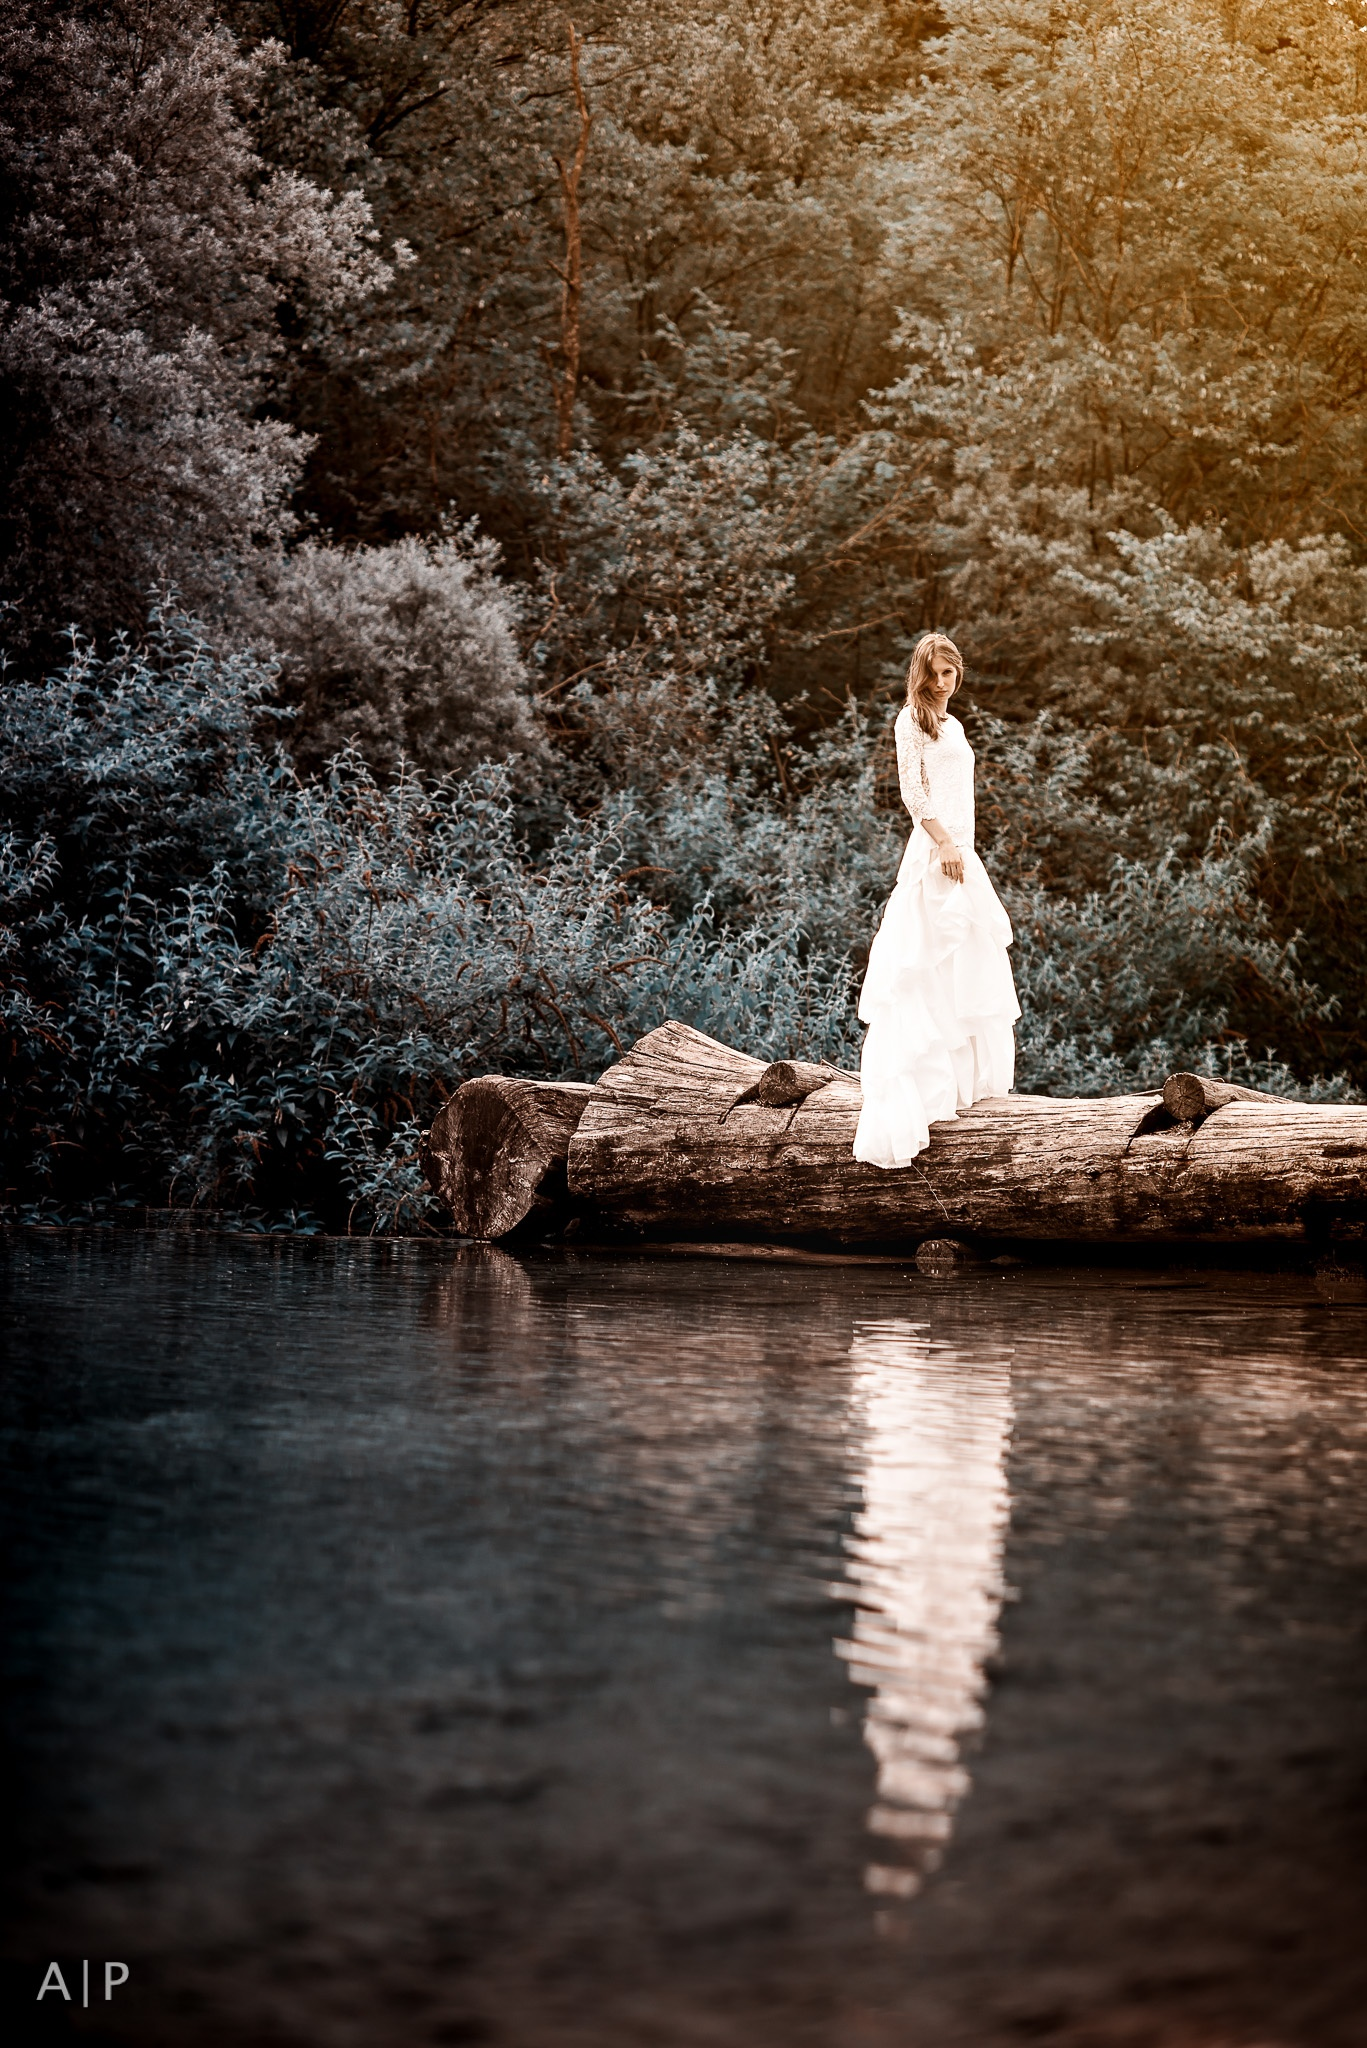 Alone by Andrea Pi